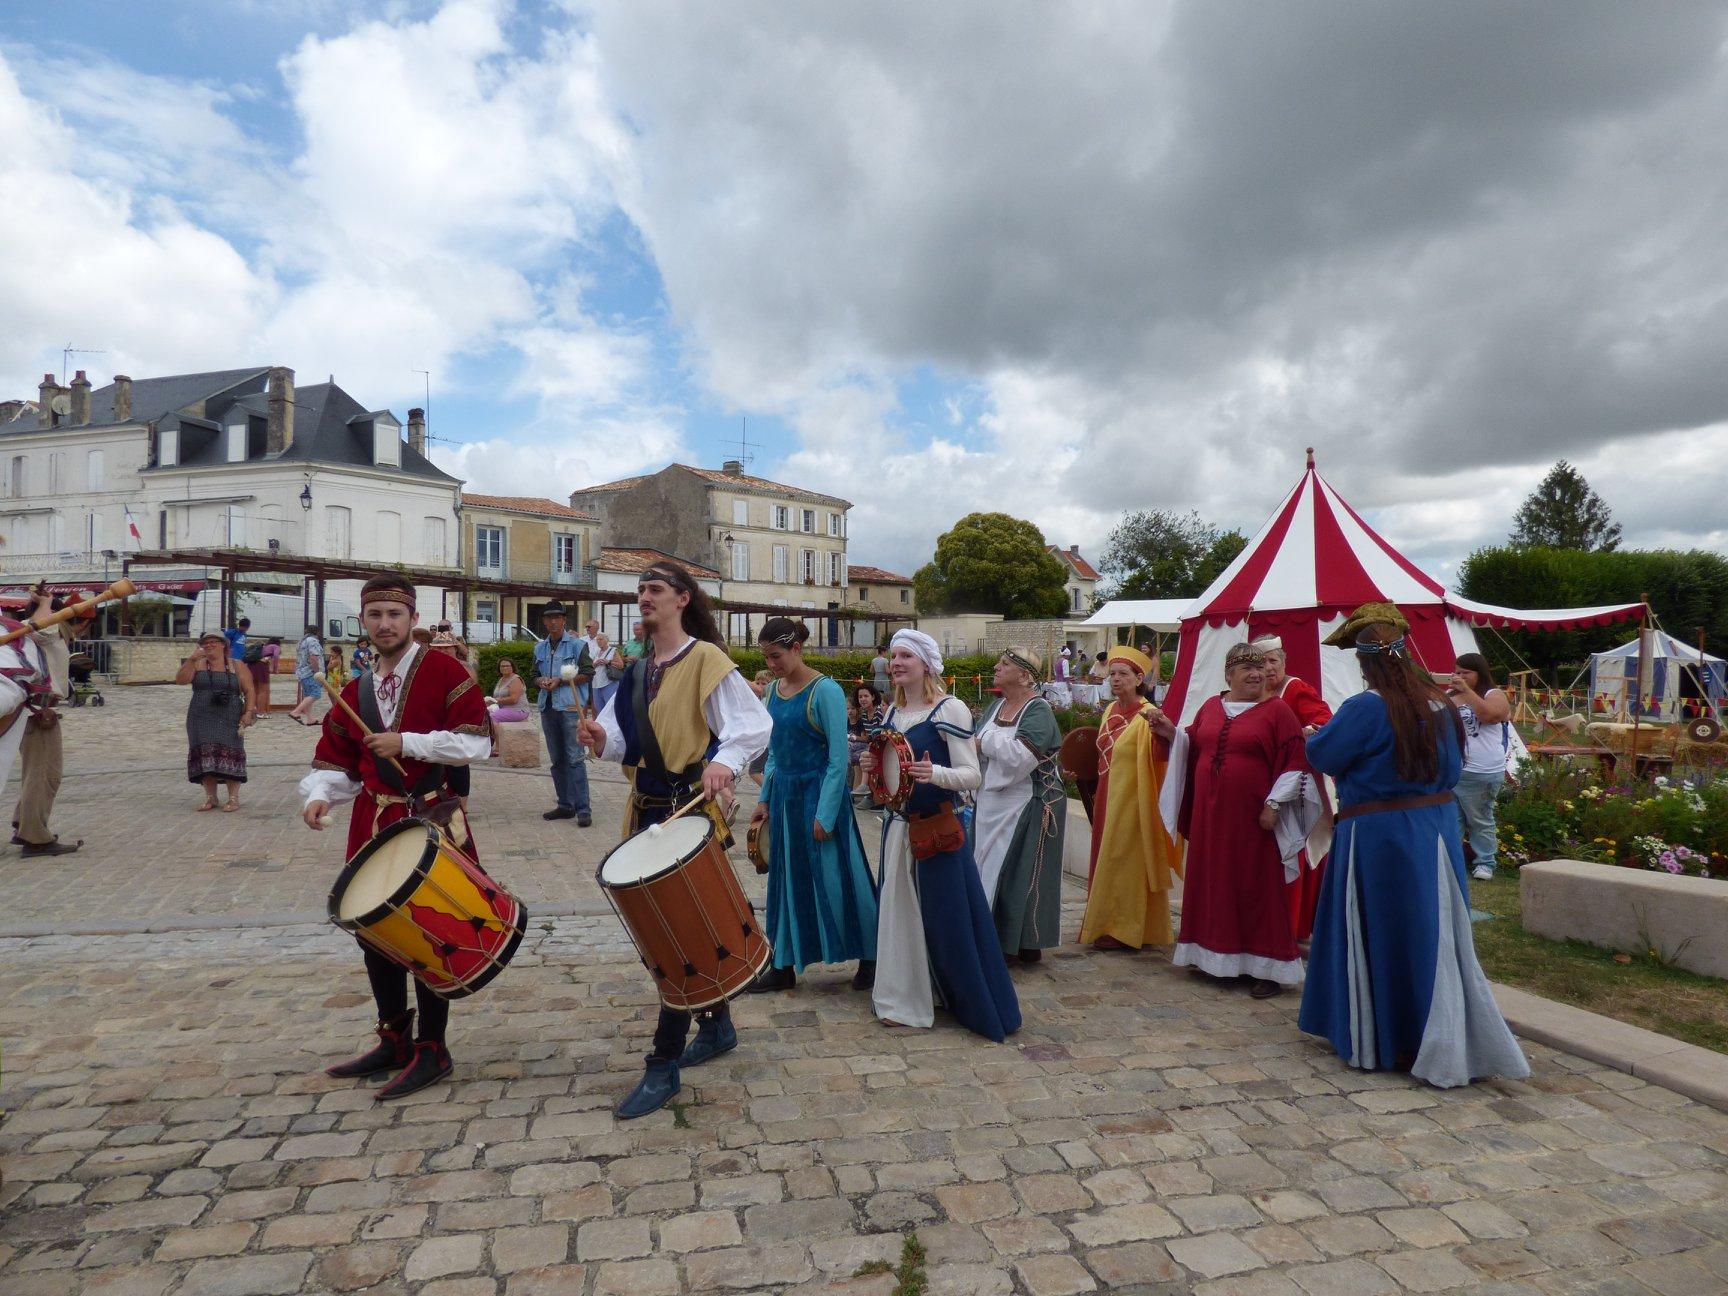 Fête médiévale Pons juillet 2018 - 08